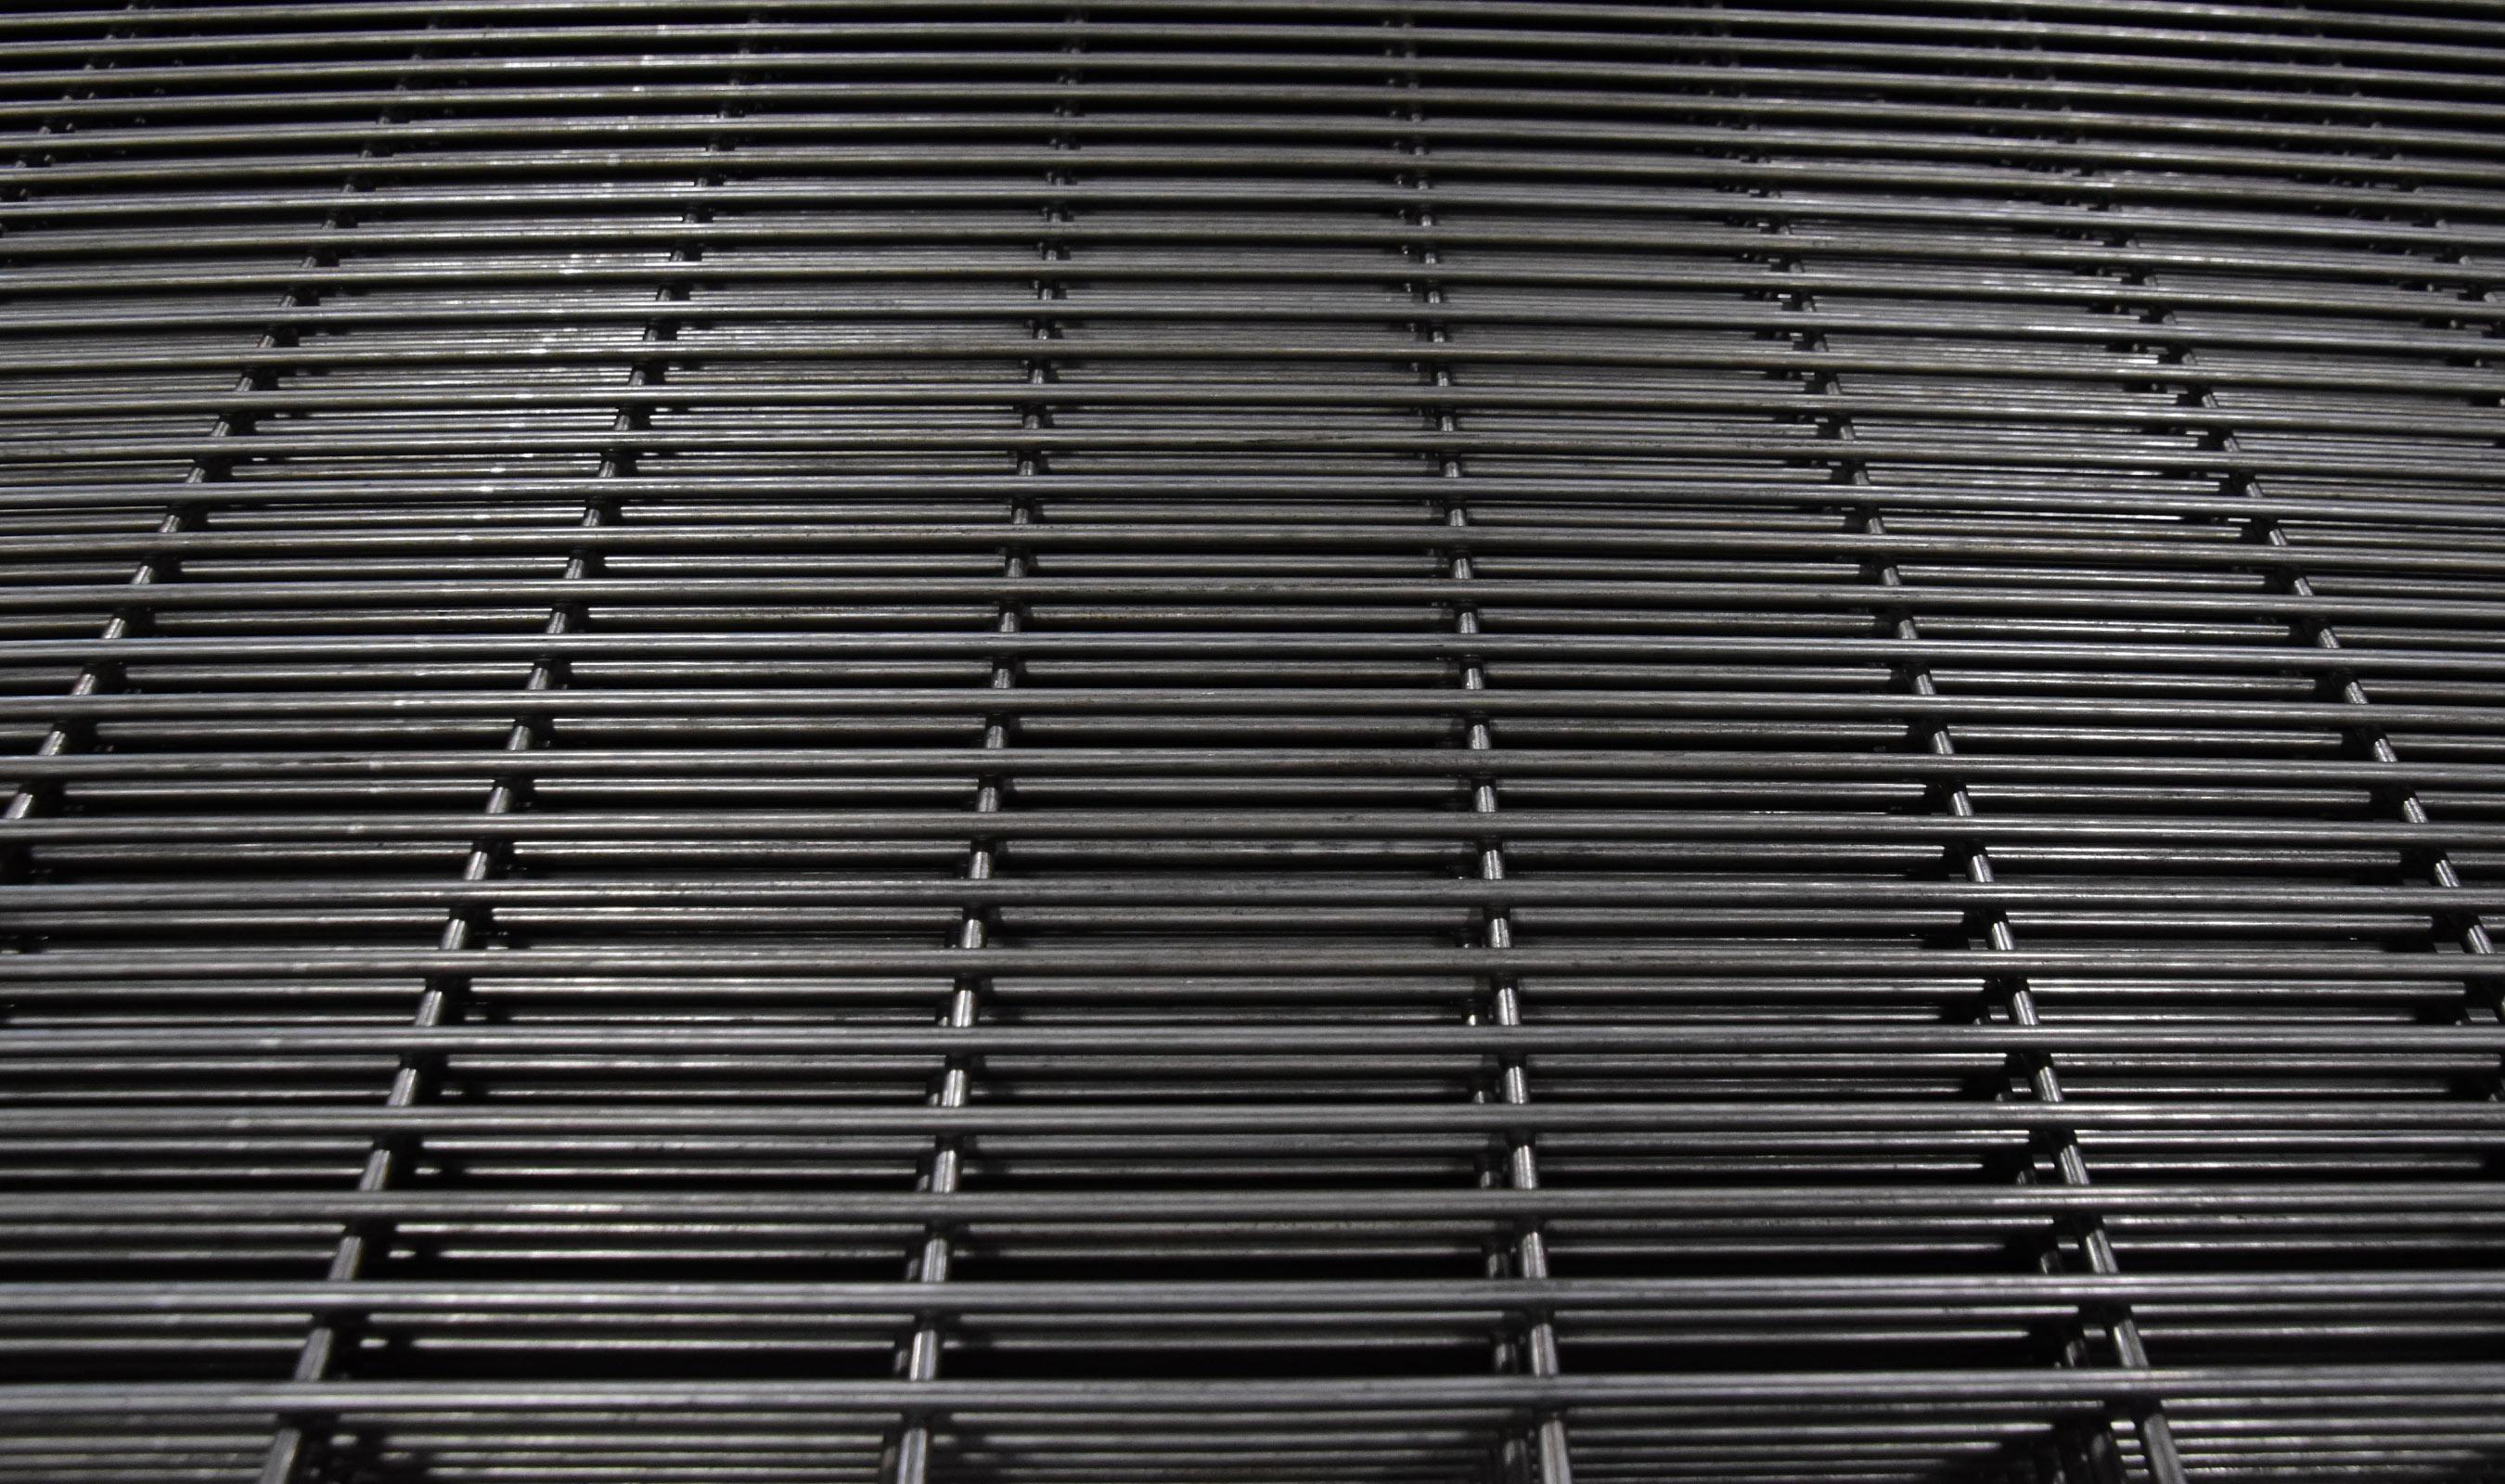 WDZ-464 Plain Steel welded wire mesh